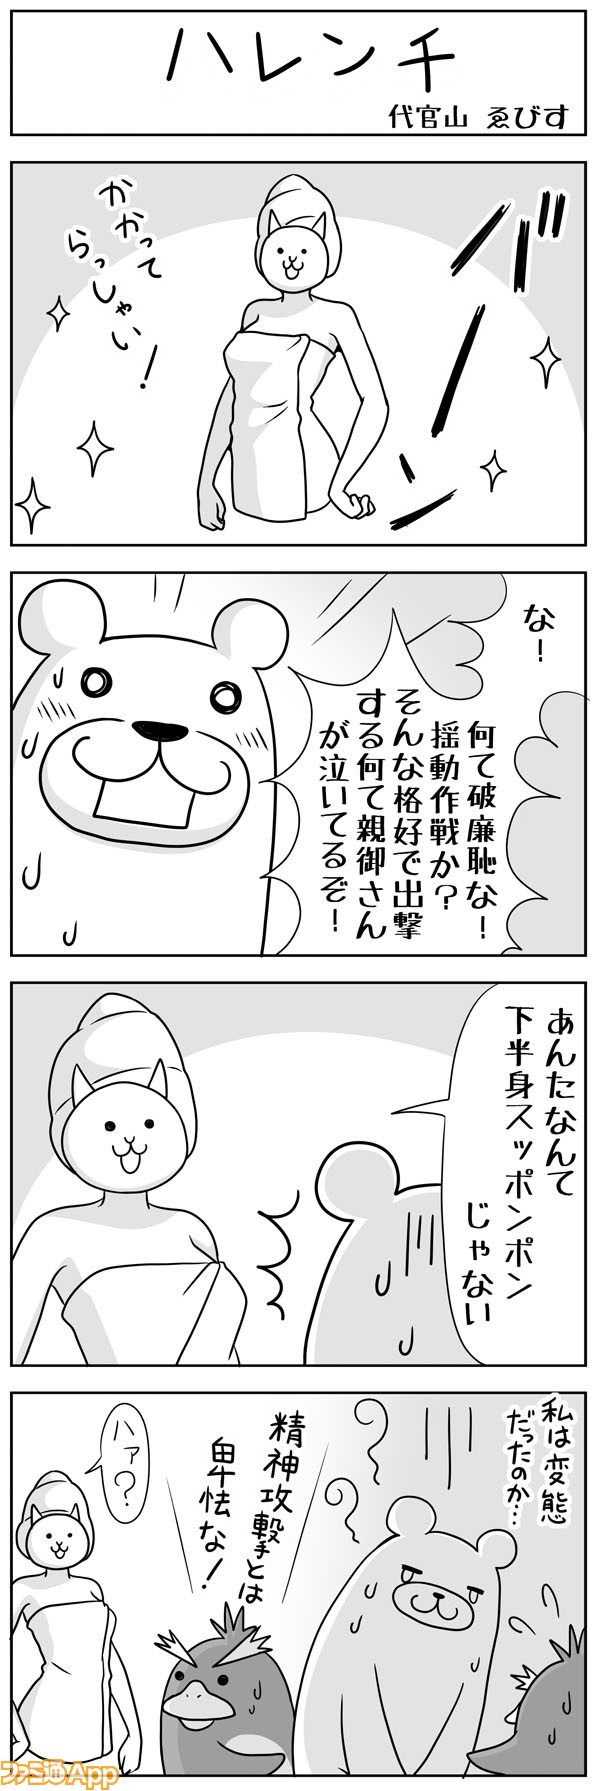 01daik_060